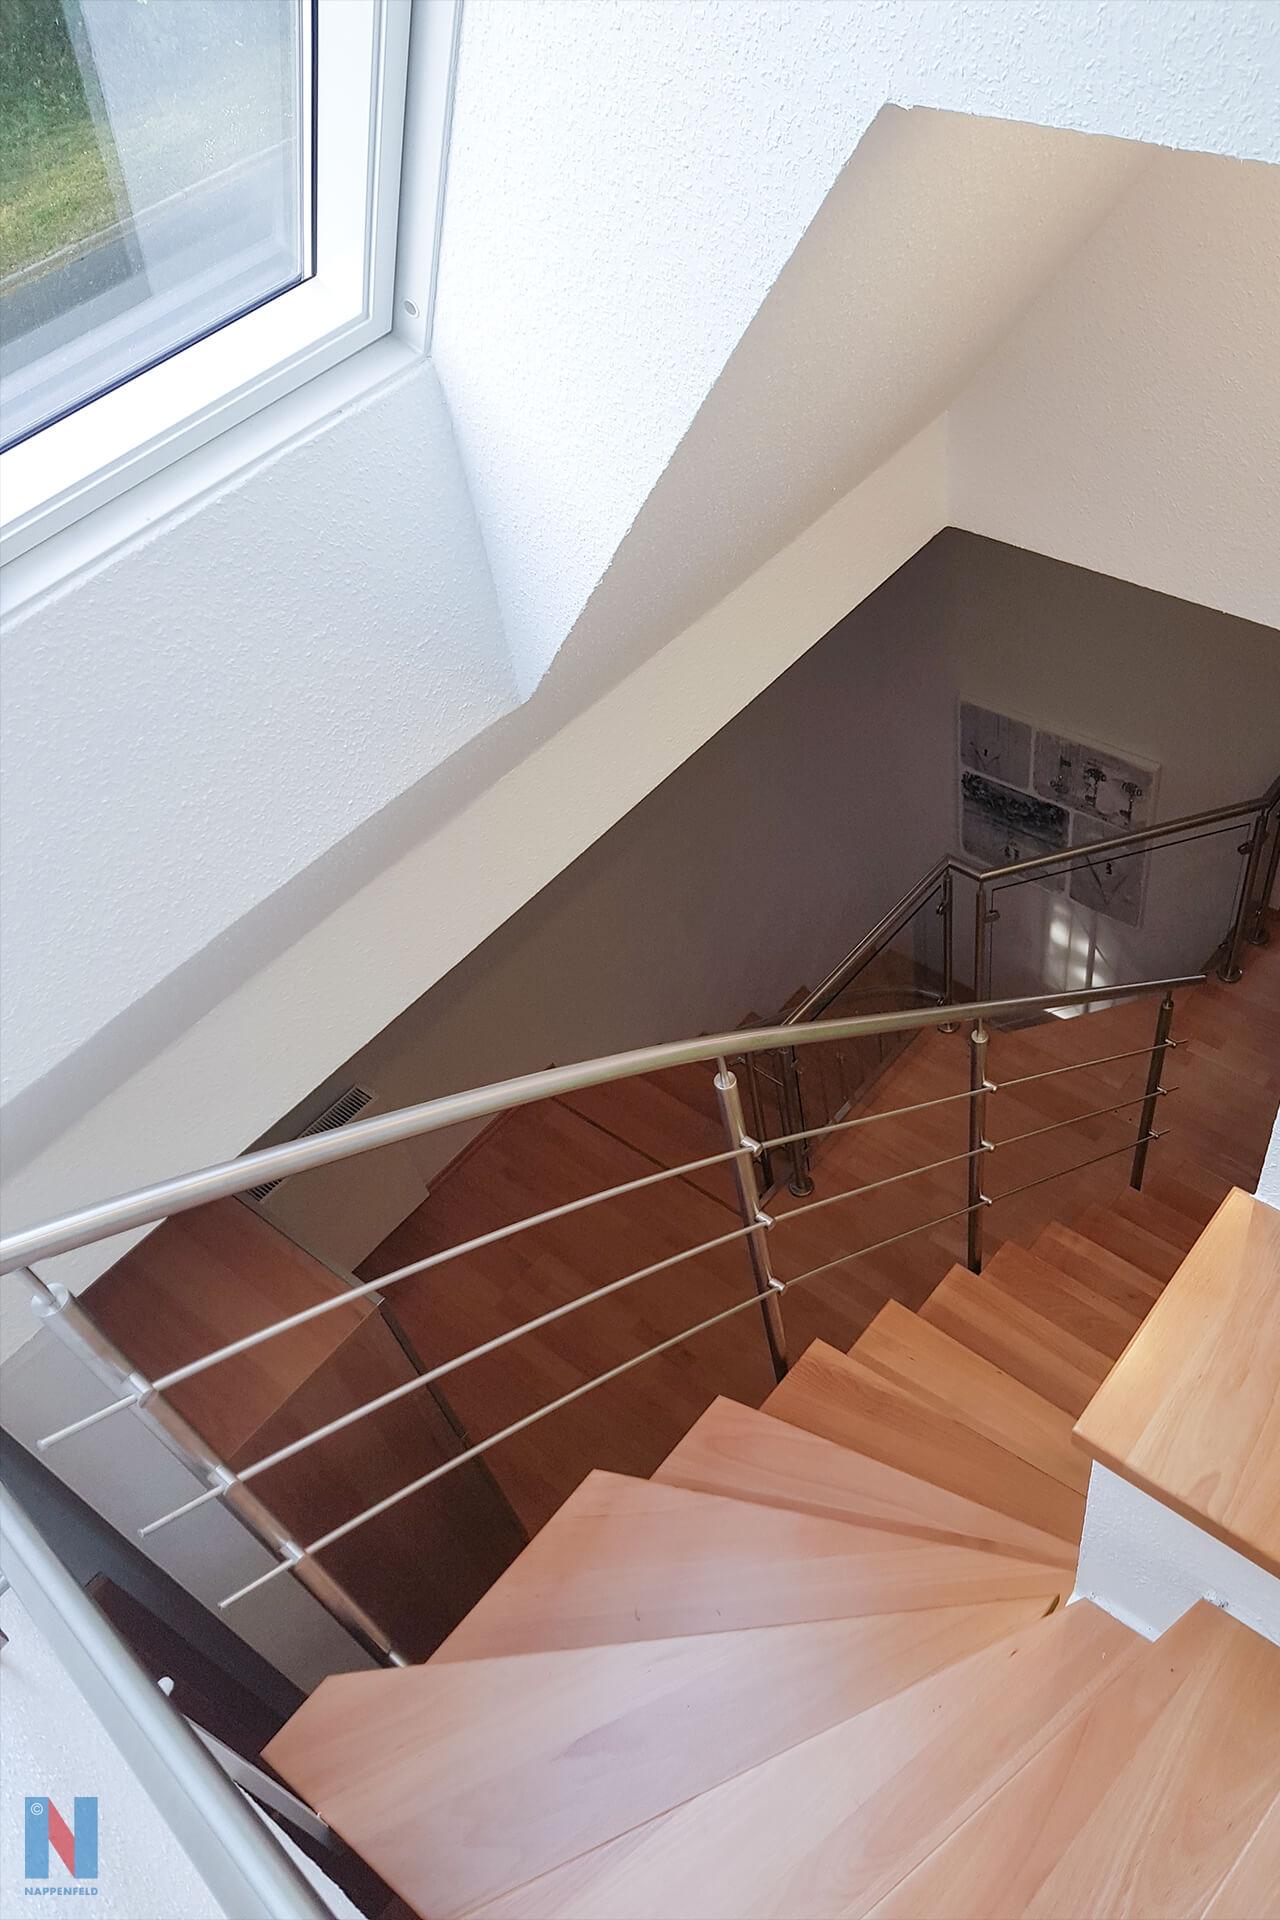 Für ein Mehrfamilienhaus in Mühlheim konzipierte und realisierte die Edelstahlschlosserei Nappenfeld, ebenfalls aus Mühlheim, eine neue, fünfzehnstufige Treppe aus edlem Holz